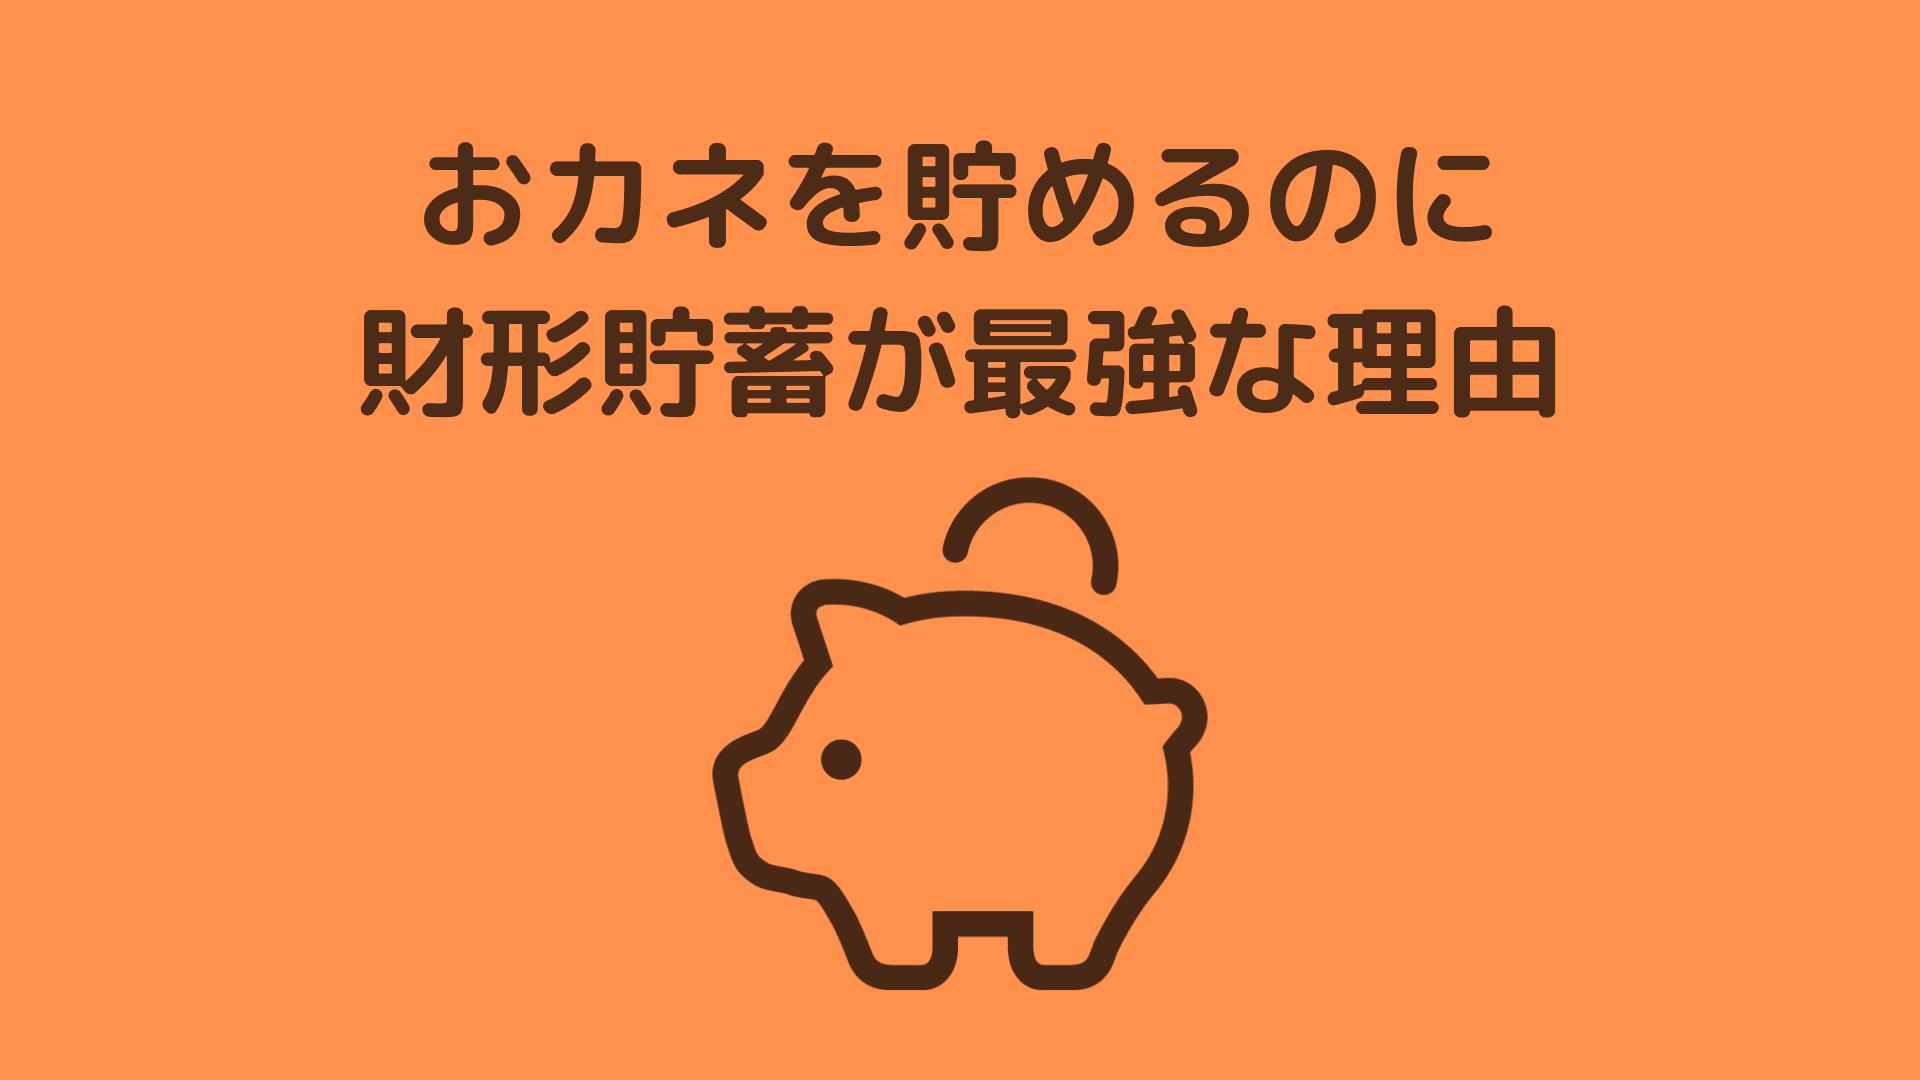 おカネを貯めるのに財形貯蓄が最強な理由